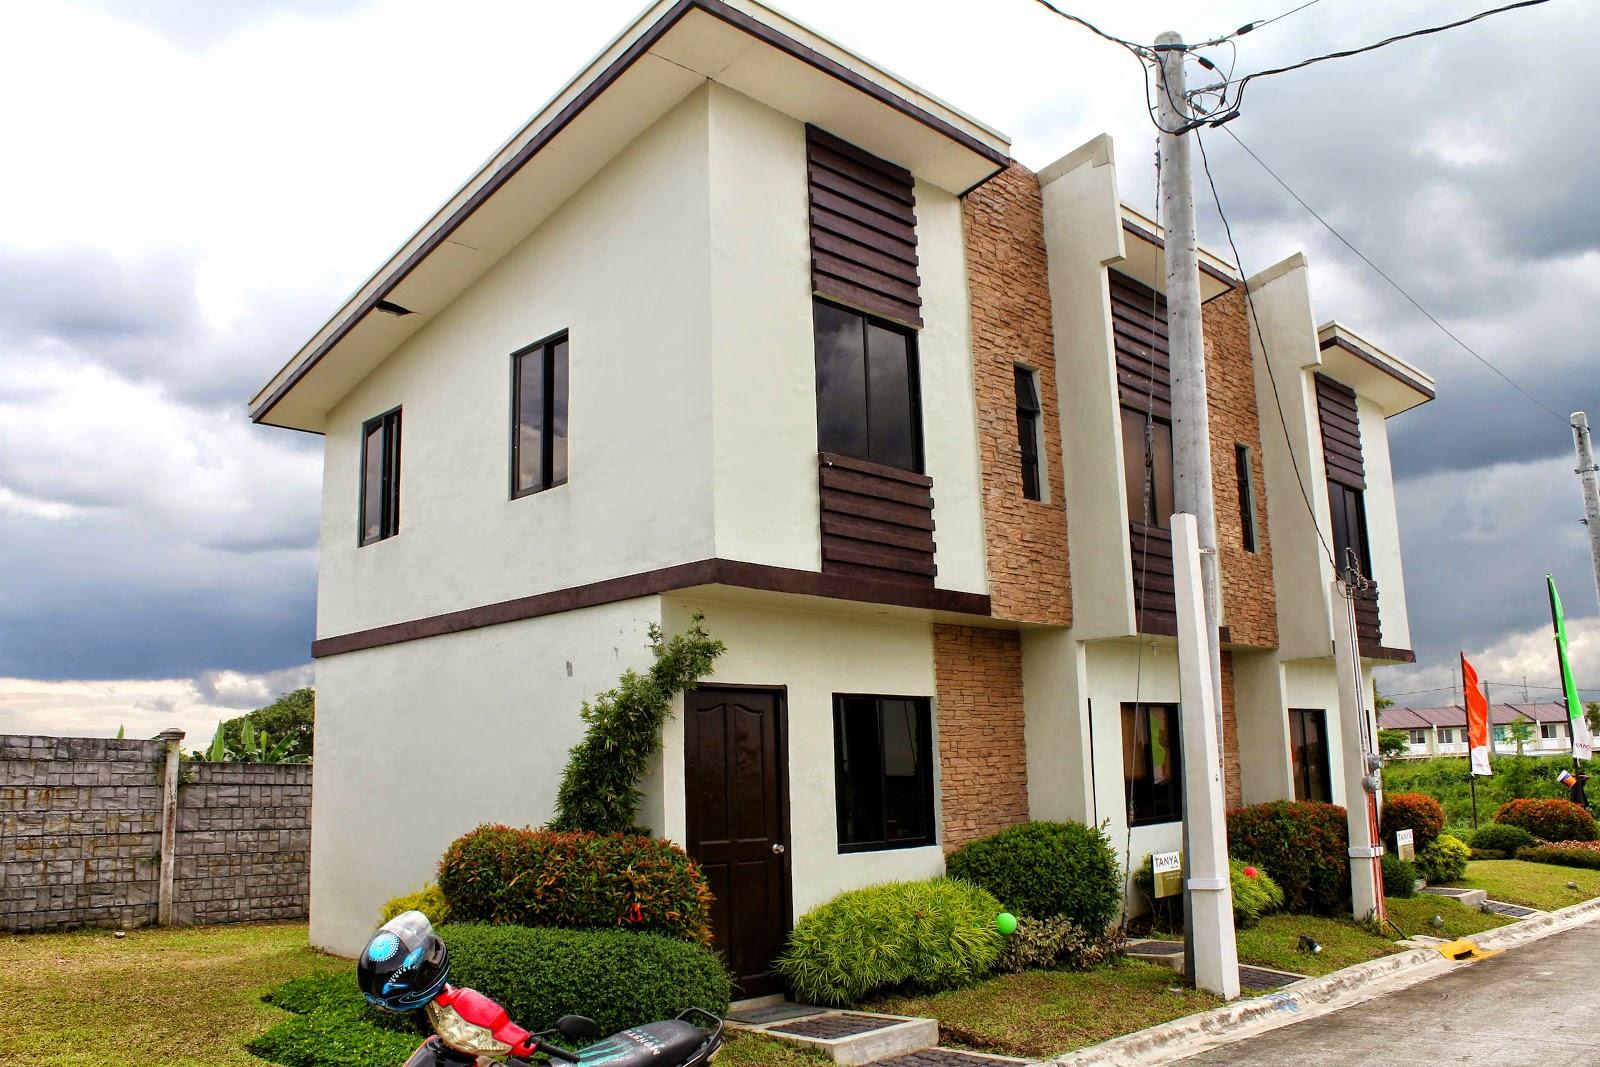 Village location brgay san francisco gen trias cavite bathroom 2 garage 1 lot area 54 sqm floor area 50 sqm house